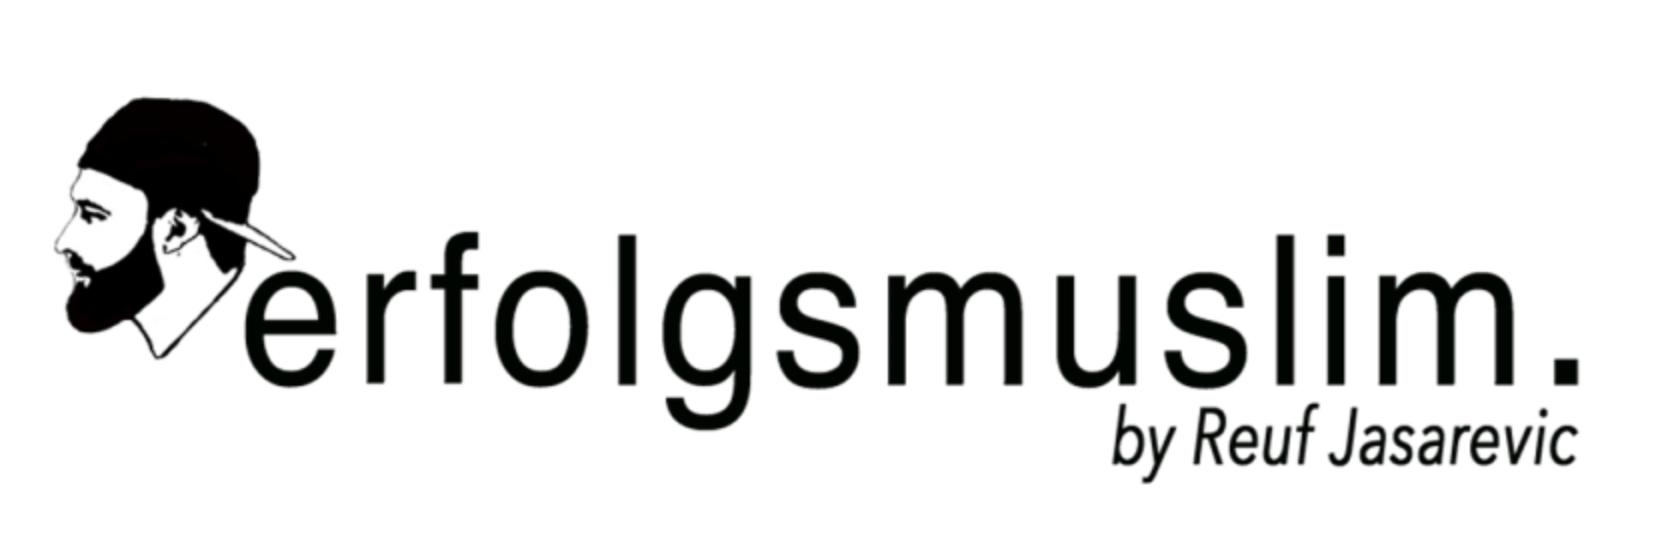 Reuf Jasarevic (erfolgsmuslim) - Logo